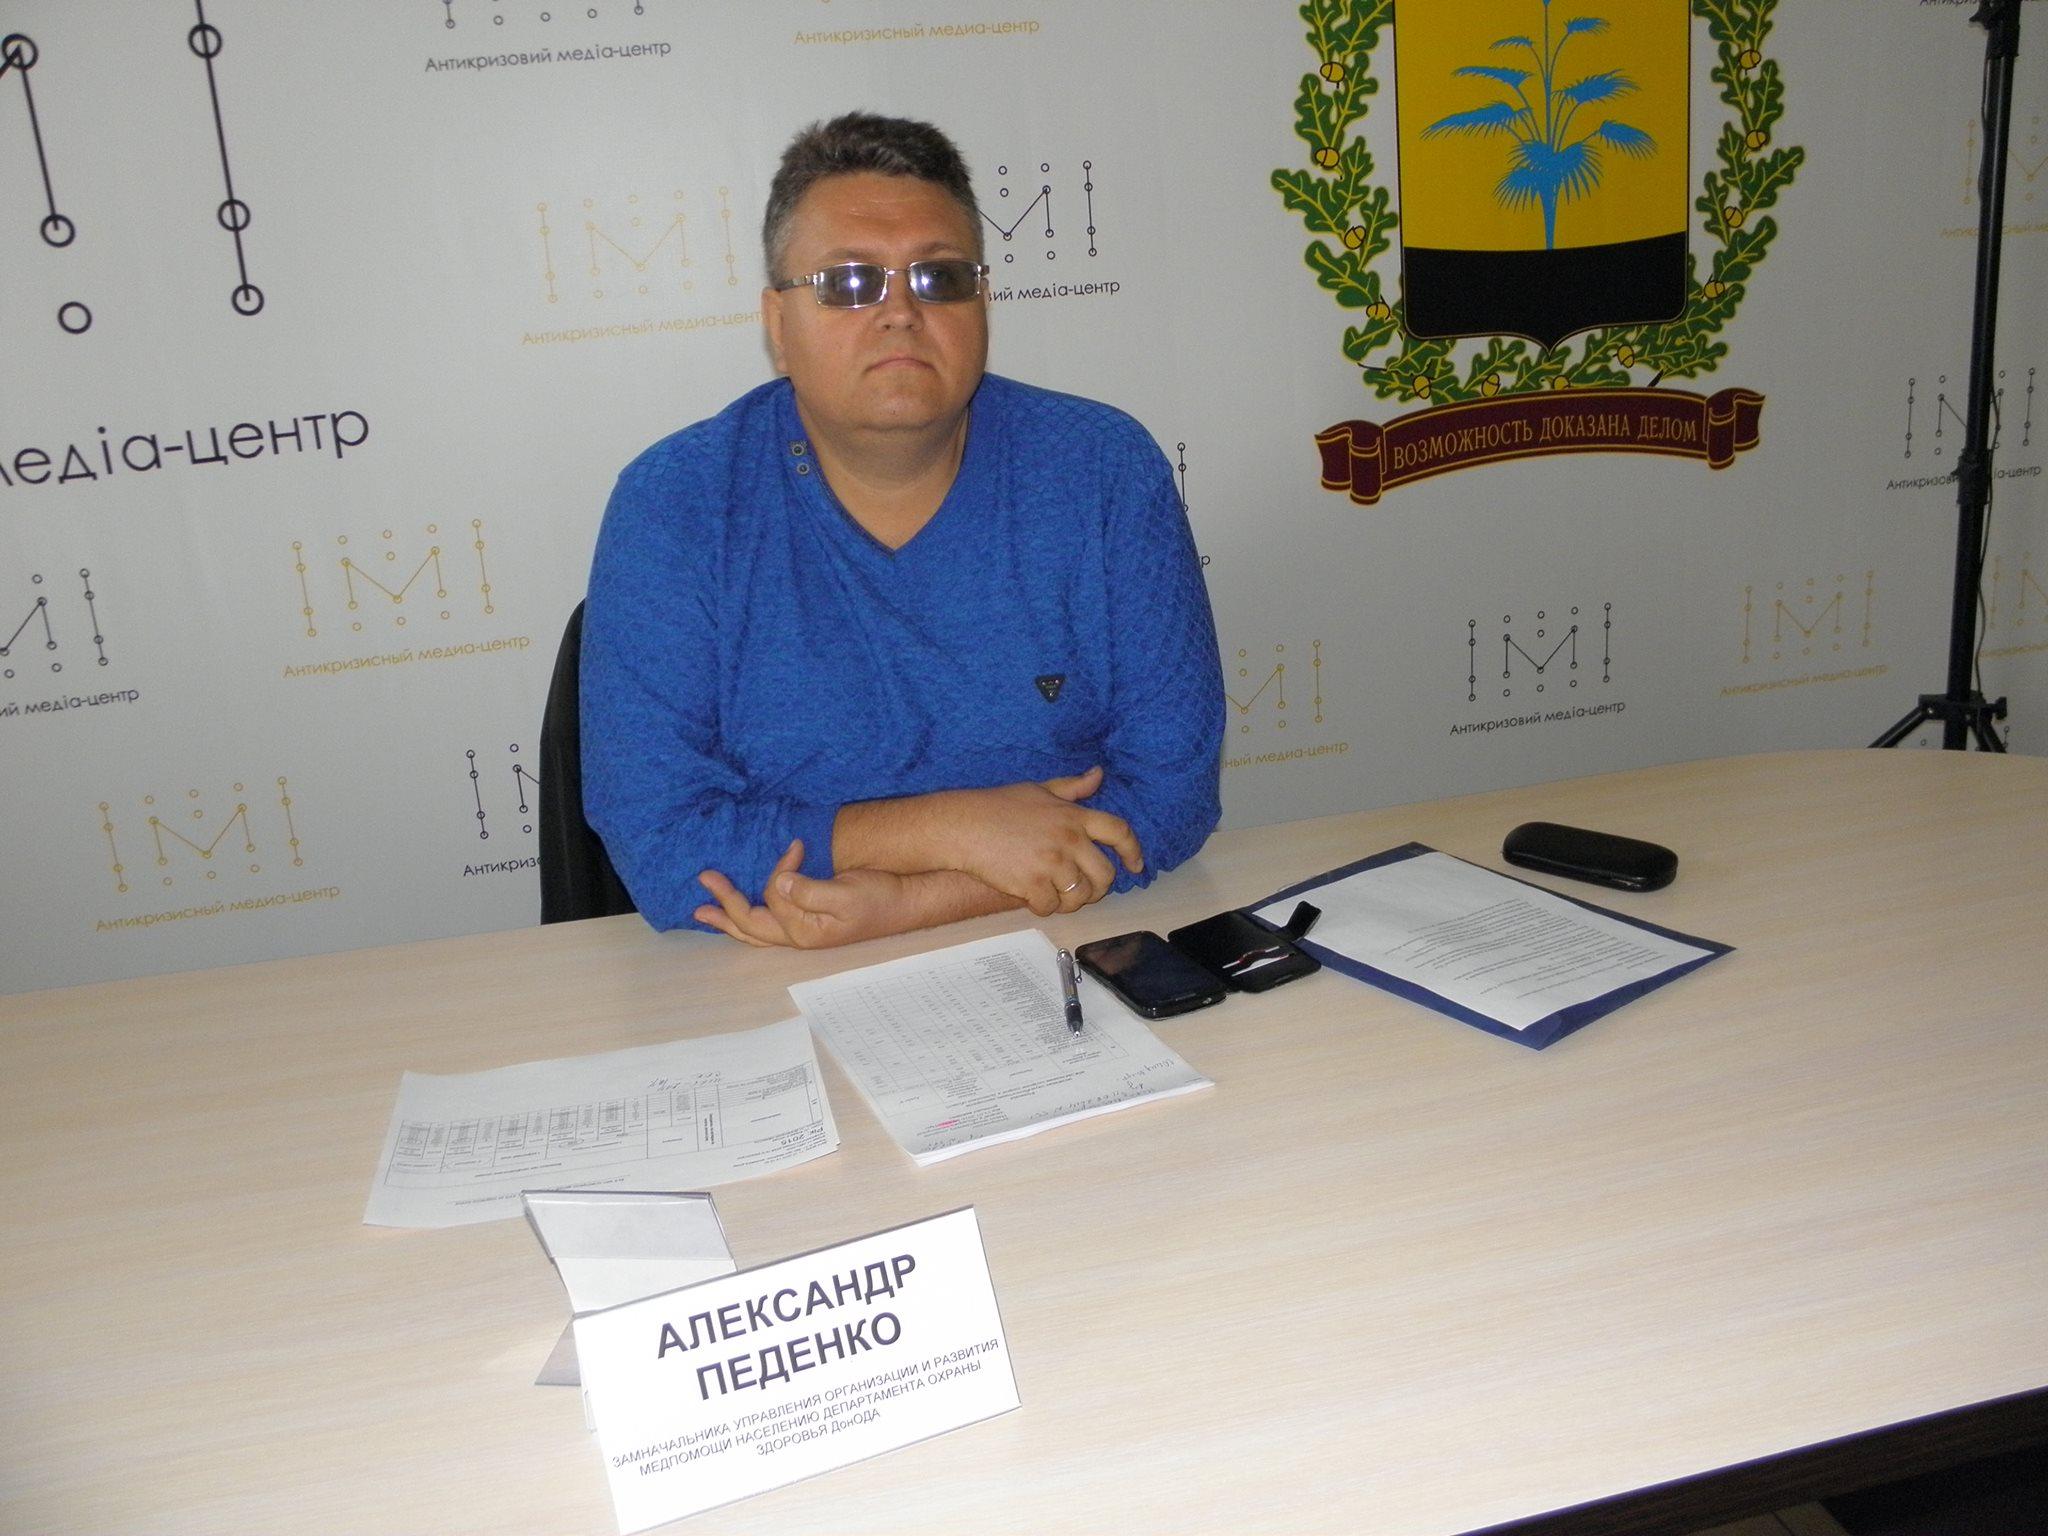 Донецкой области вакцин БЦЖ хватит нагод— Александр Педенко